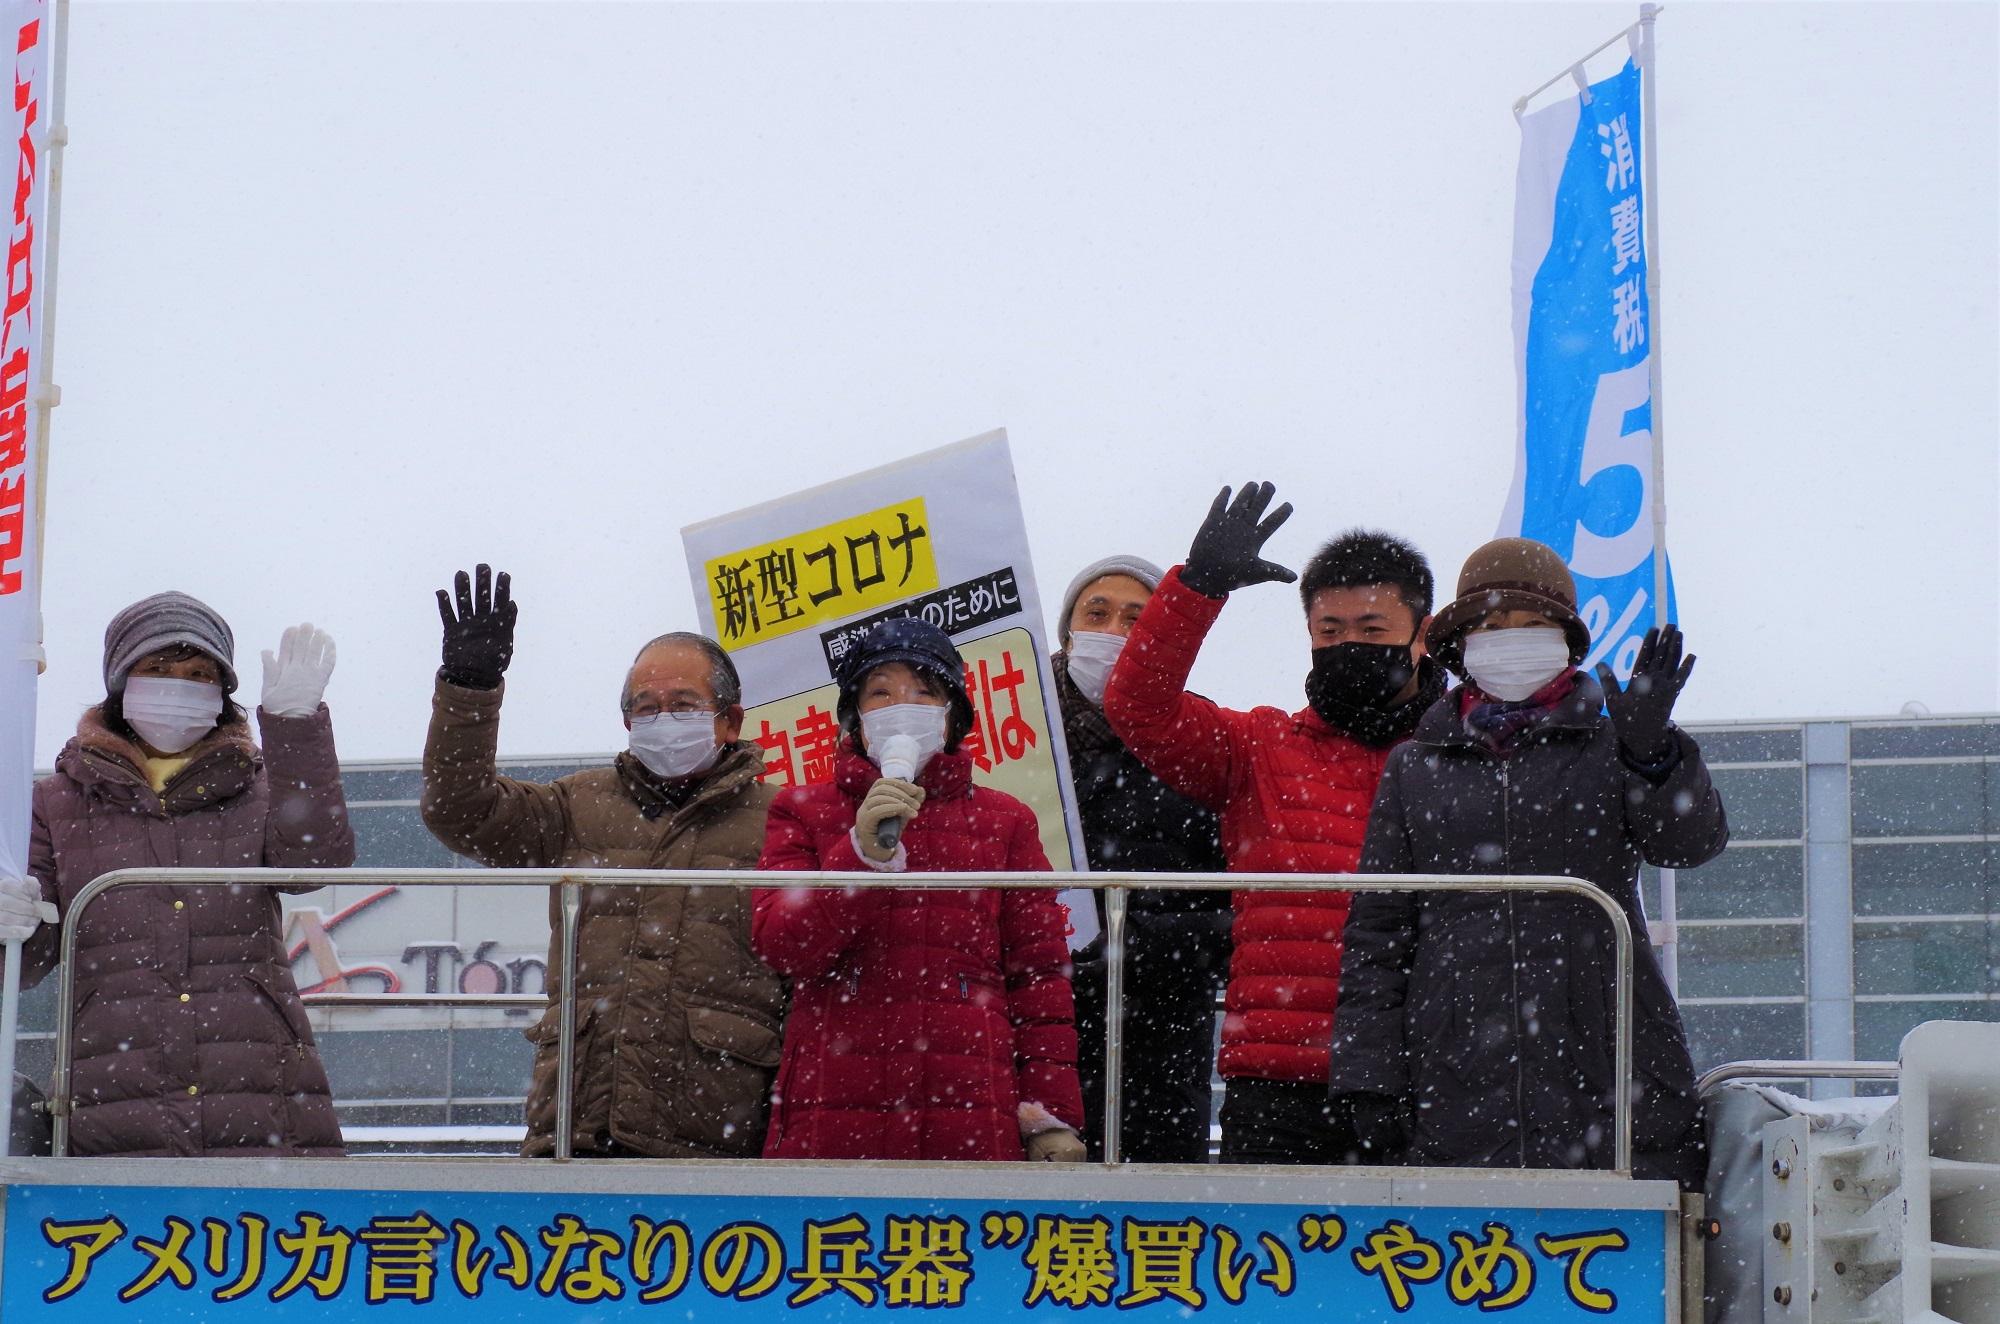 「困っている人にやさしい政治を」新春街頭宣伝